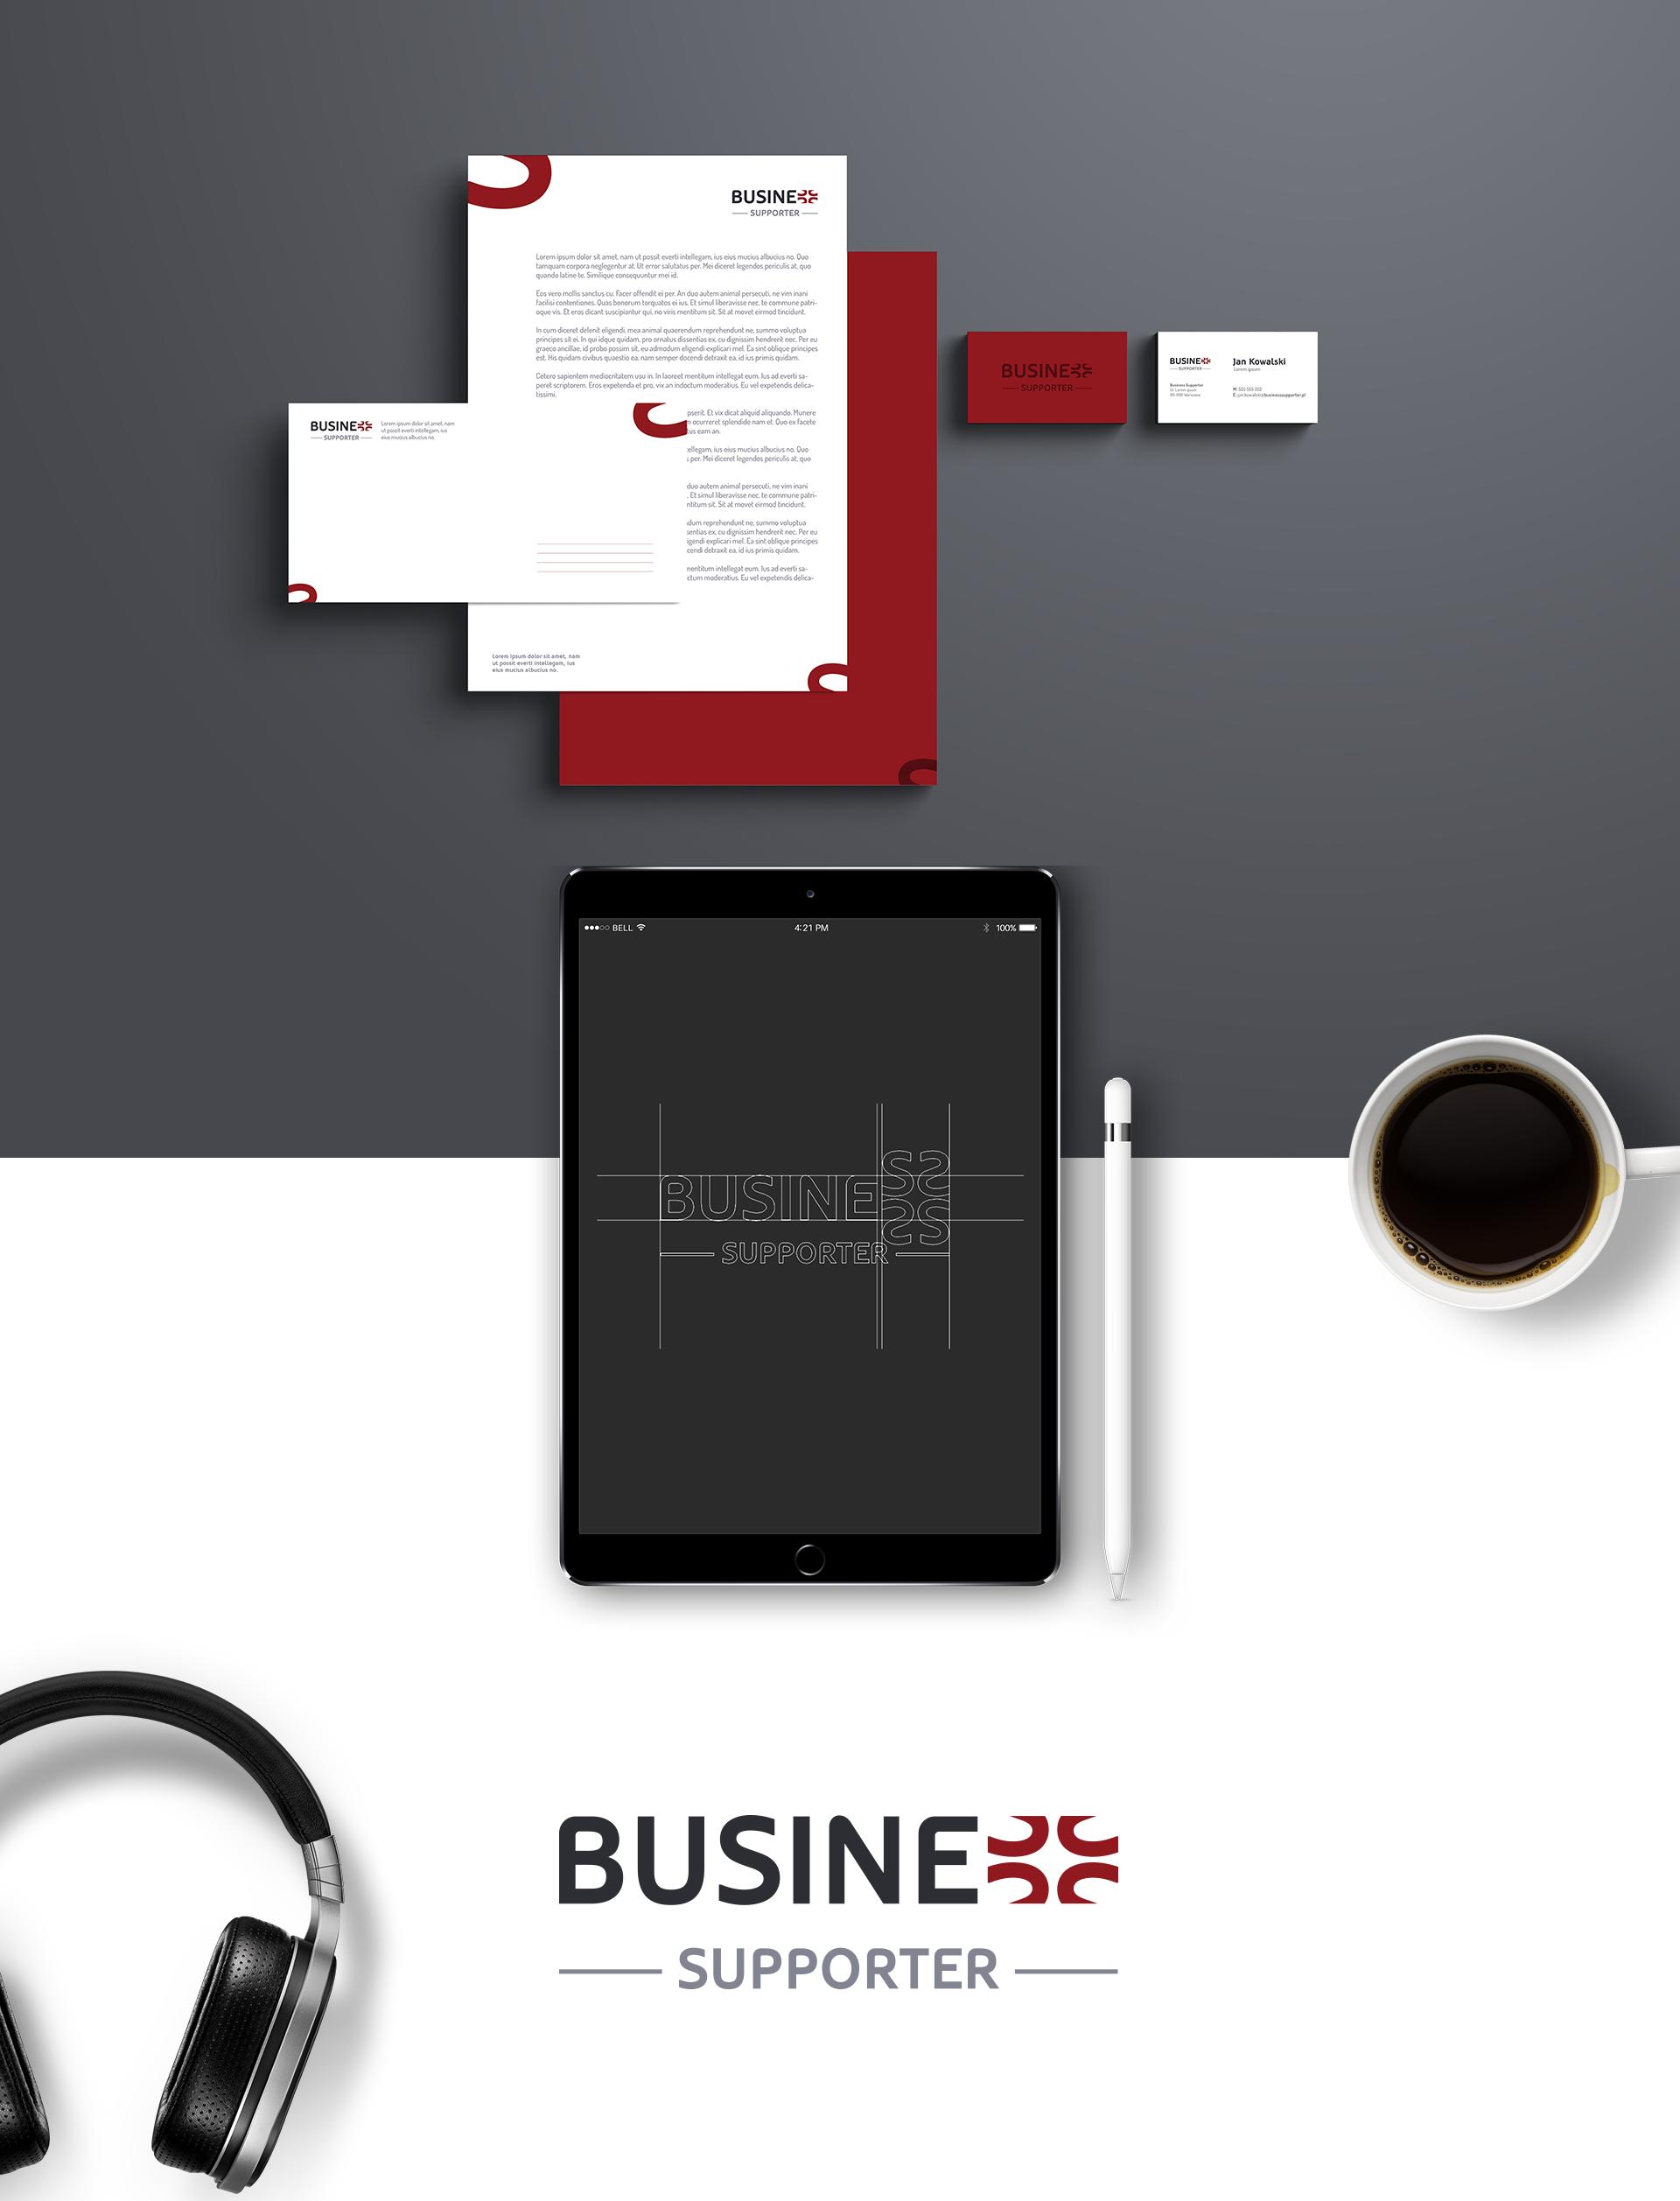 Projekt graficzny identyfikacja wizualna business supporter